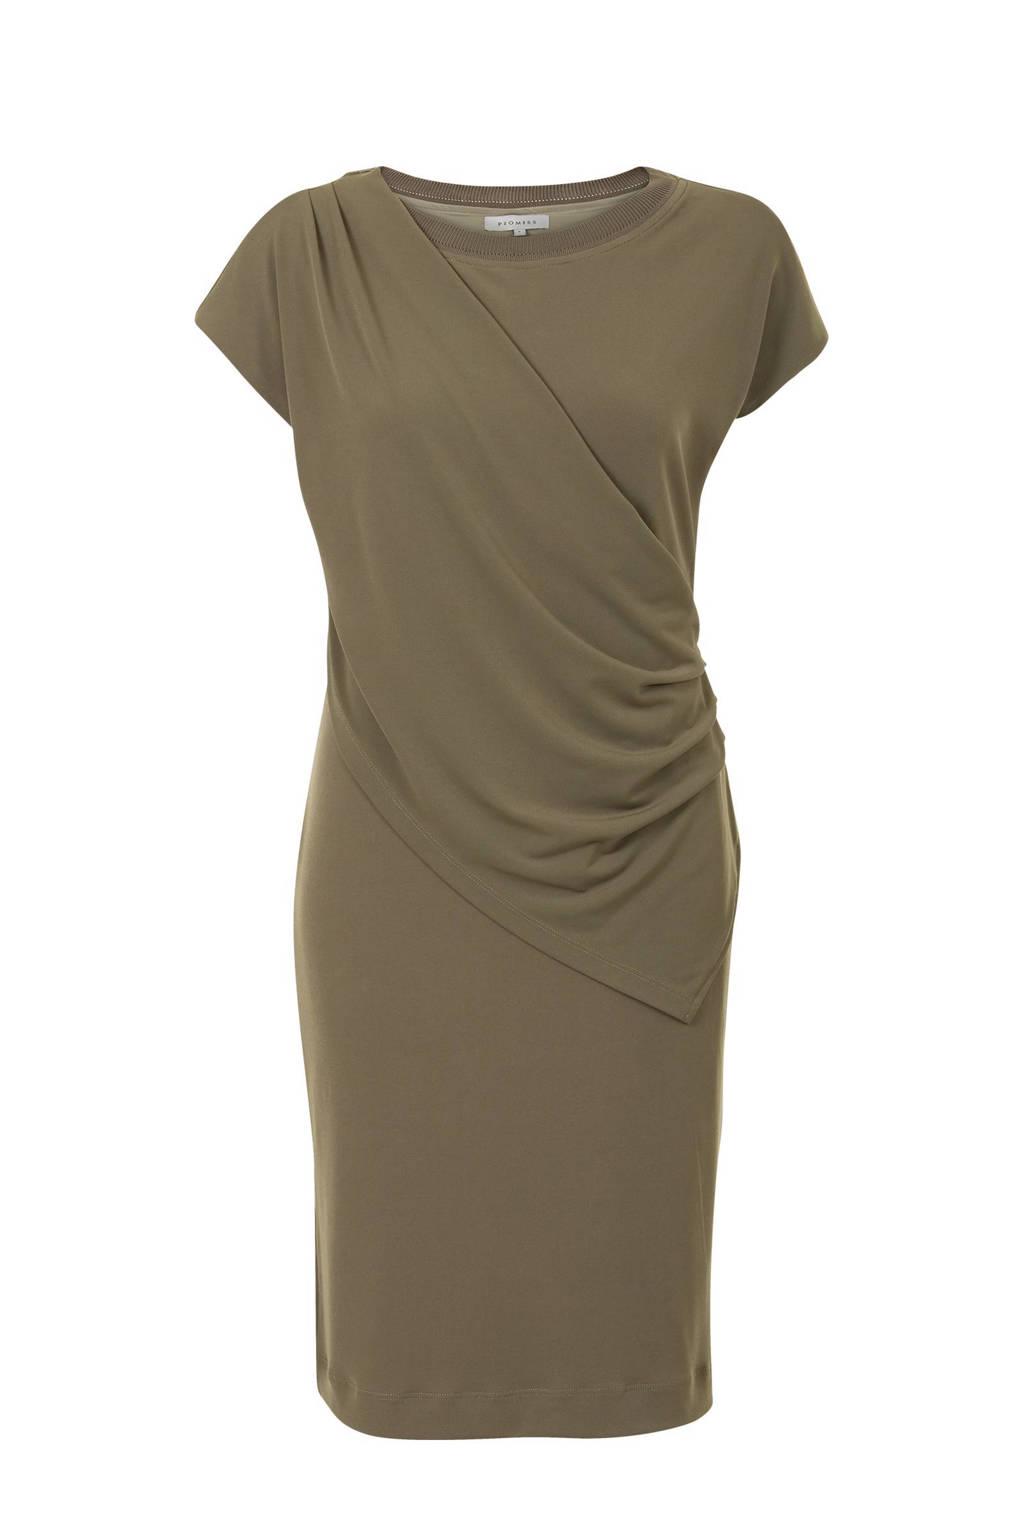 Promiss jurk olijfgroen, Olijfgroen